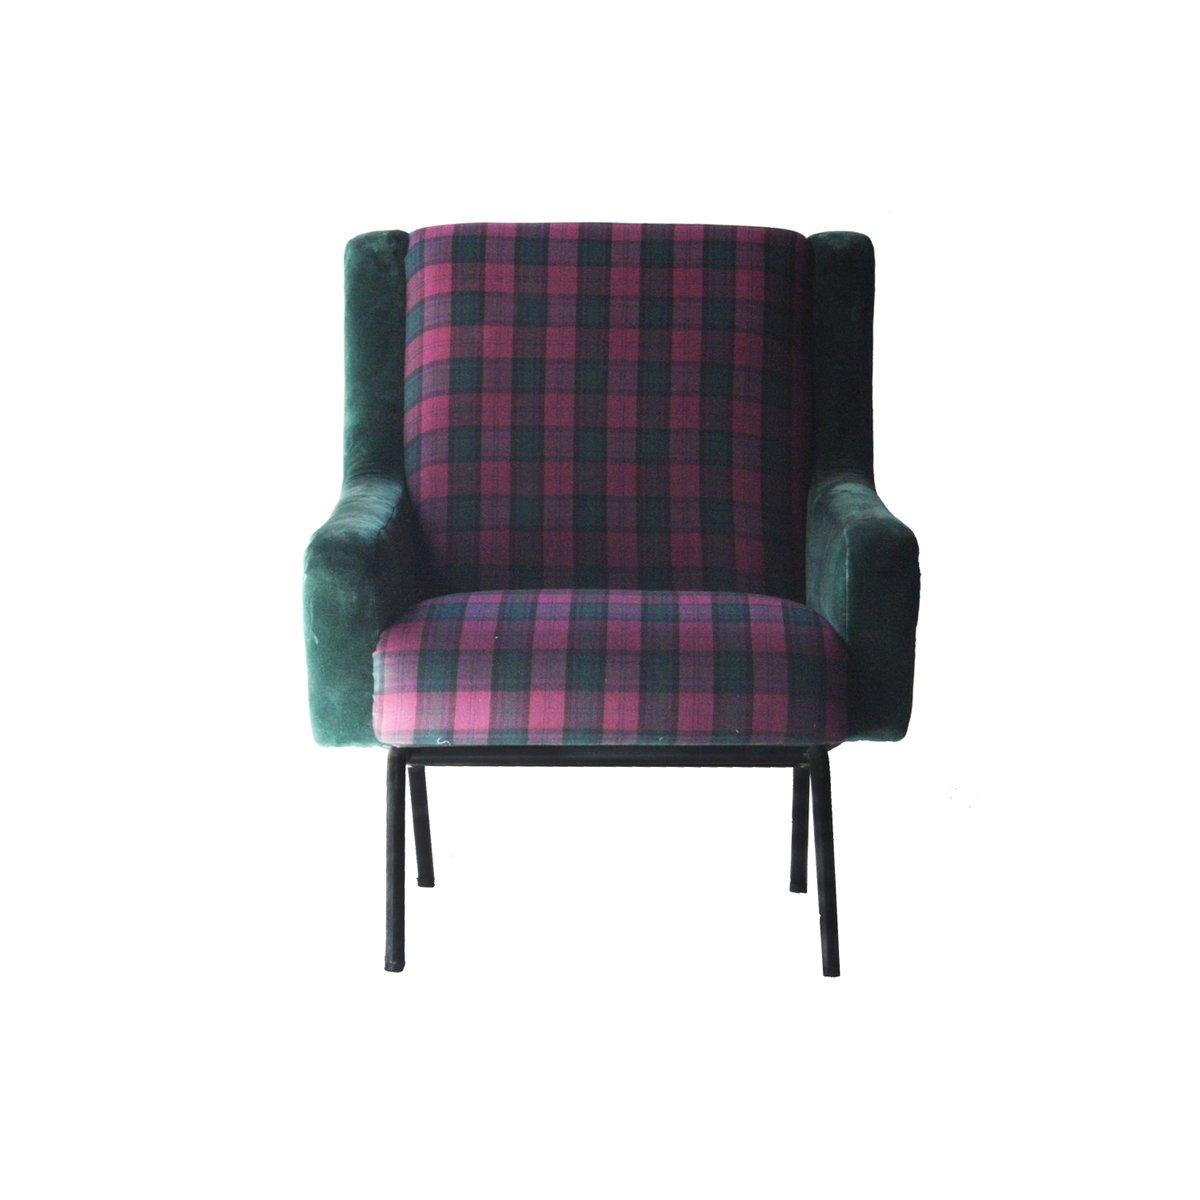 Sessel mit Holzgestellen und Bezug aus Samt im Schottenkaro, 1950er, 2...